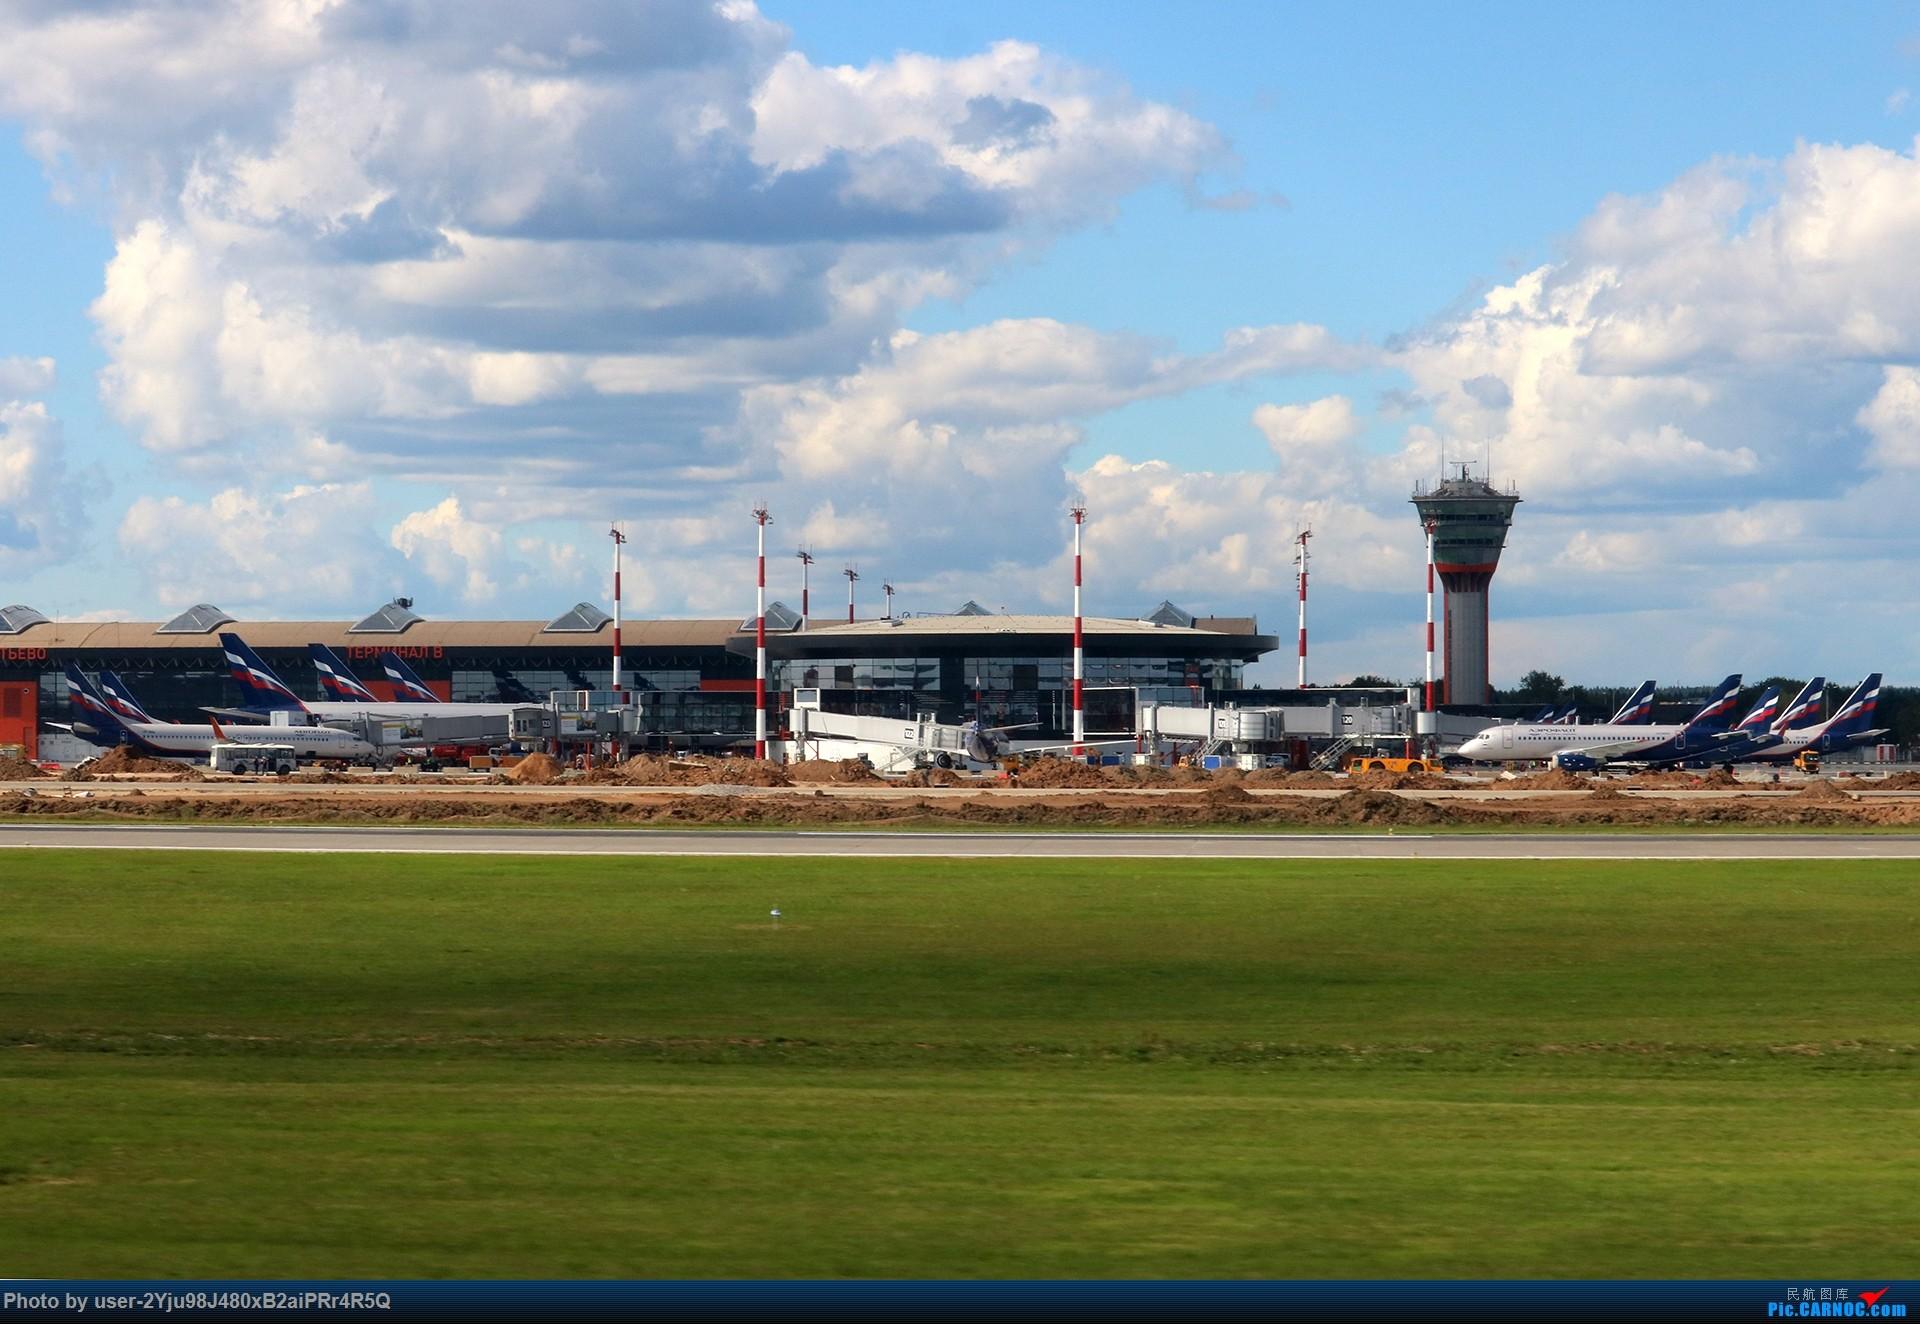 Re:[原创]LIULIU|一天两种机型三个国家四段航线五座城市的回家之路|西伯利亚上空的星光    俄罗斯谢诺梅杰沃机场